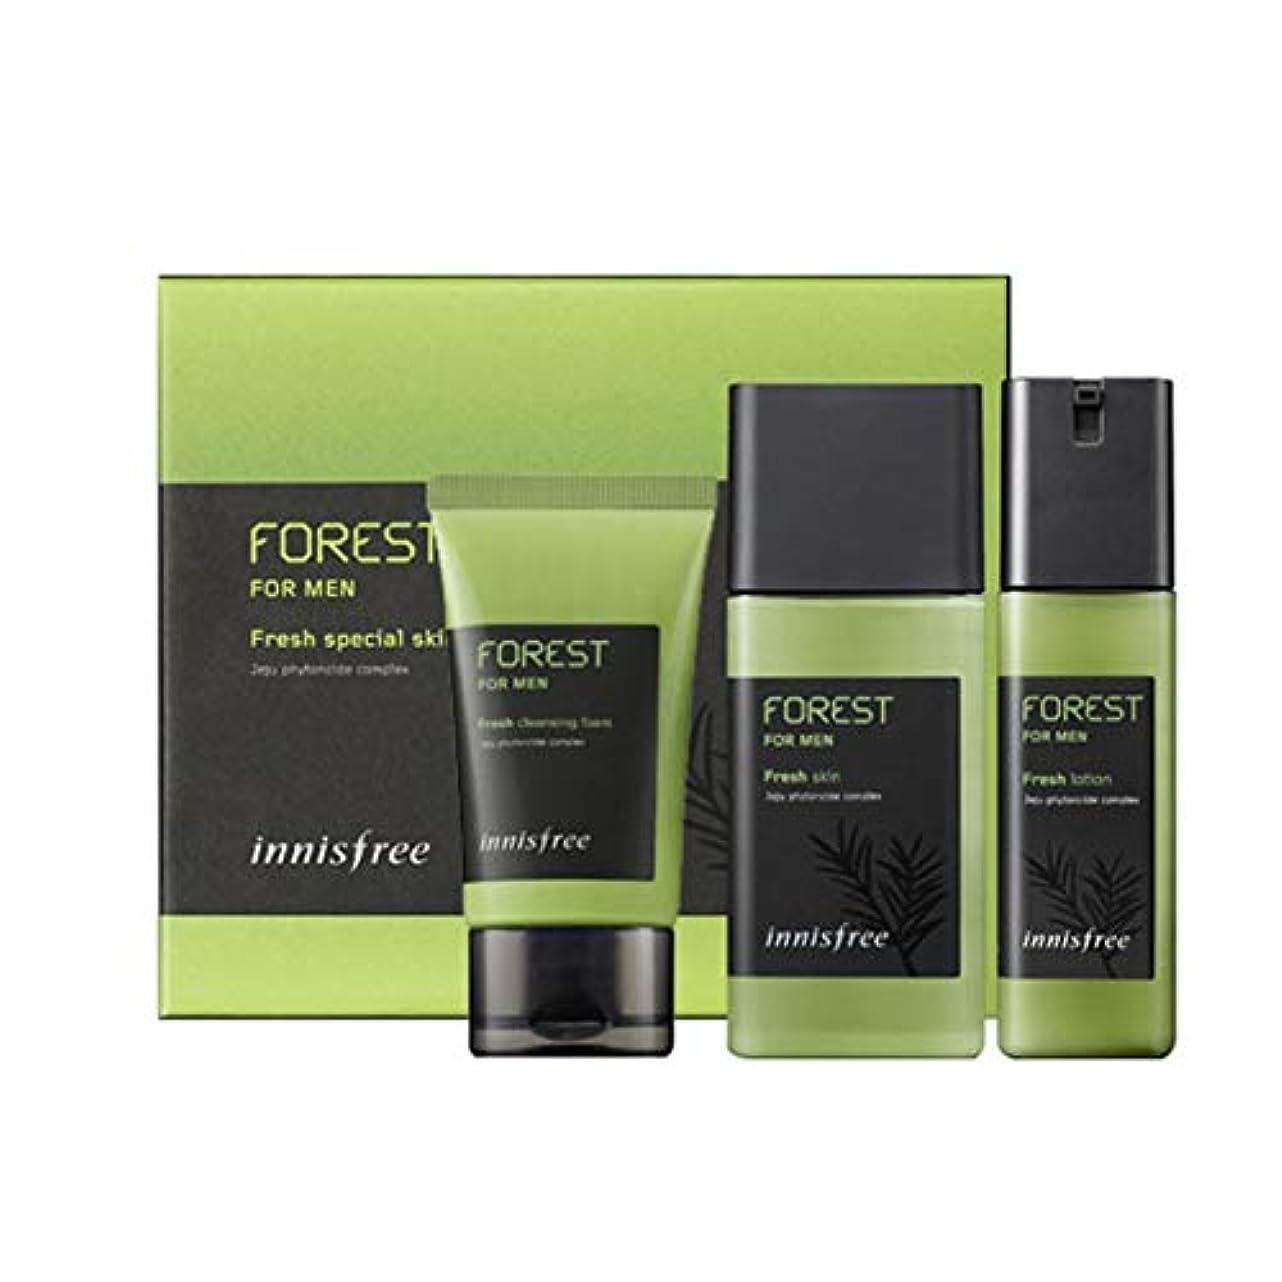 プラグ粘液十分ではないイニスフリーフォレストフォーマンフレッシュスキンケアセットスキンローションクレンジングフォームメンズコスメ 韓国コスメ、innisfree Forest for Men Fresh Skincare Set Skin Lotion Cleansing Foam Korean Cosmetics [並行輸入品]